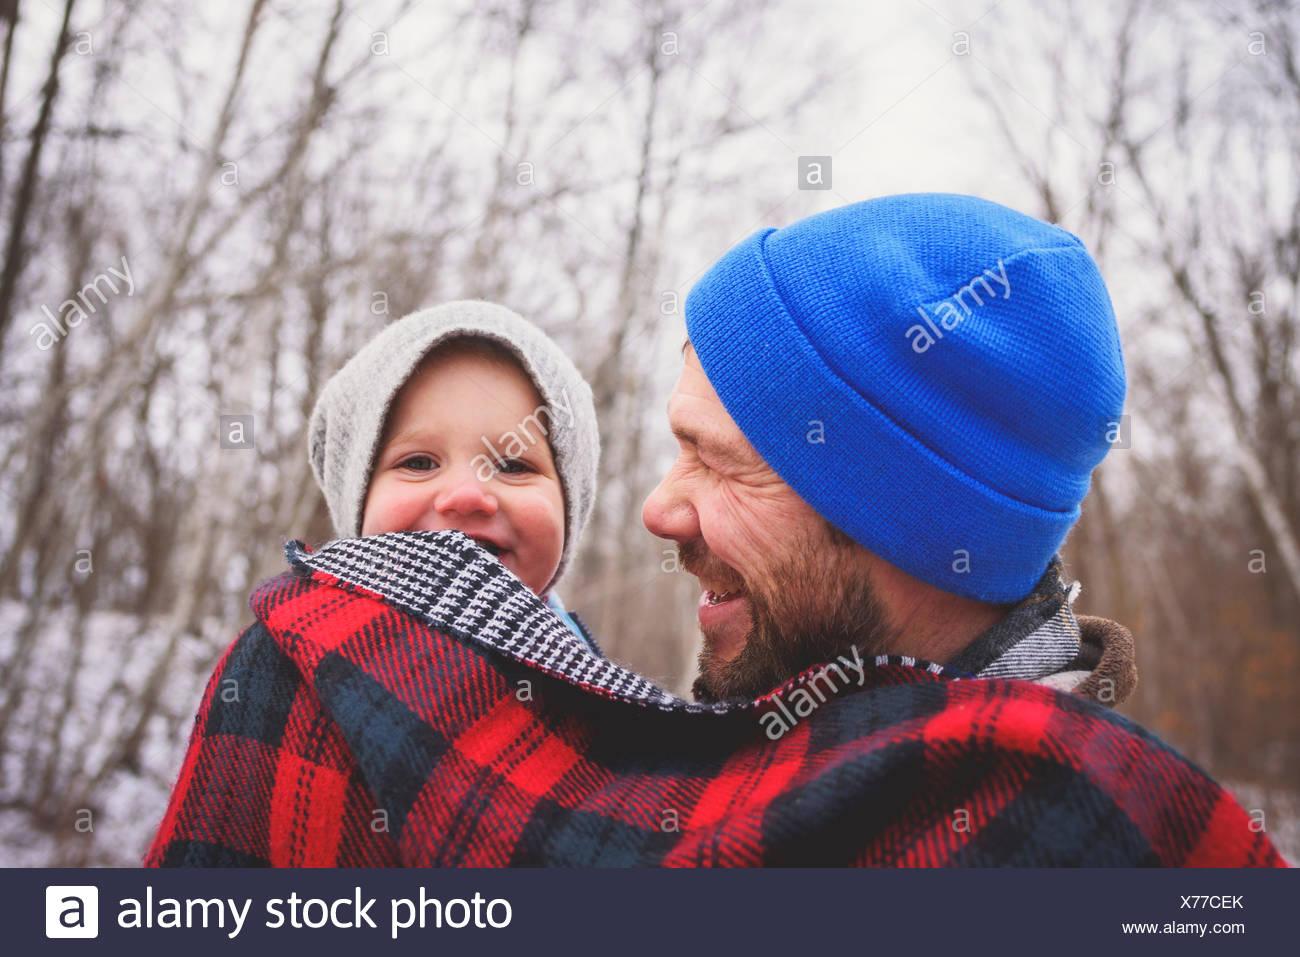 Porträt eines Vaters, der sein Kind in einem Winterwald in einer Decke gehüllt trägt Stockfoto